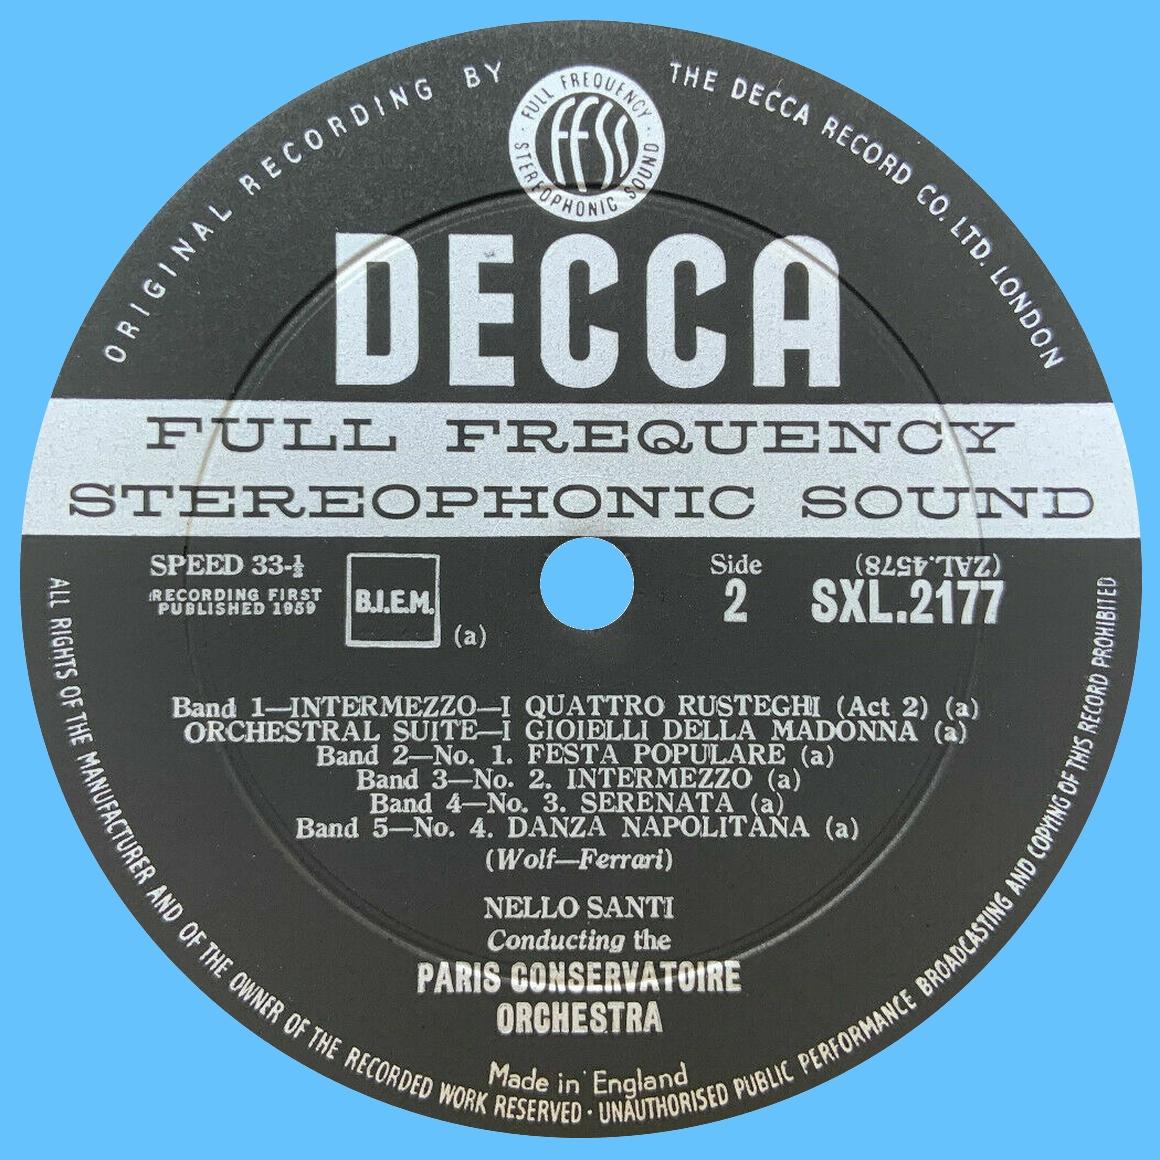 Étiquette verso du disque SXL 2177